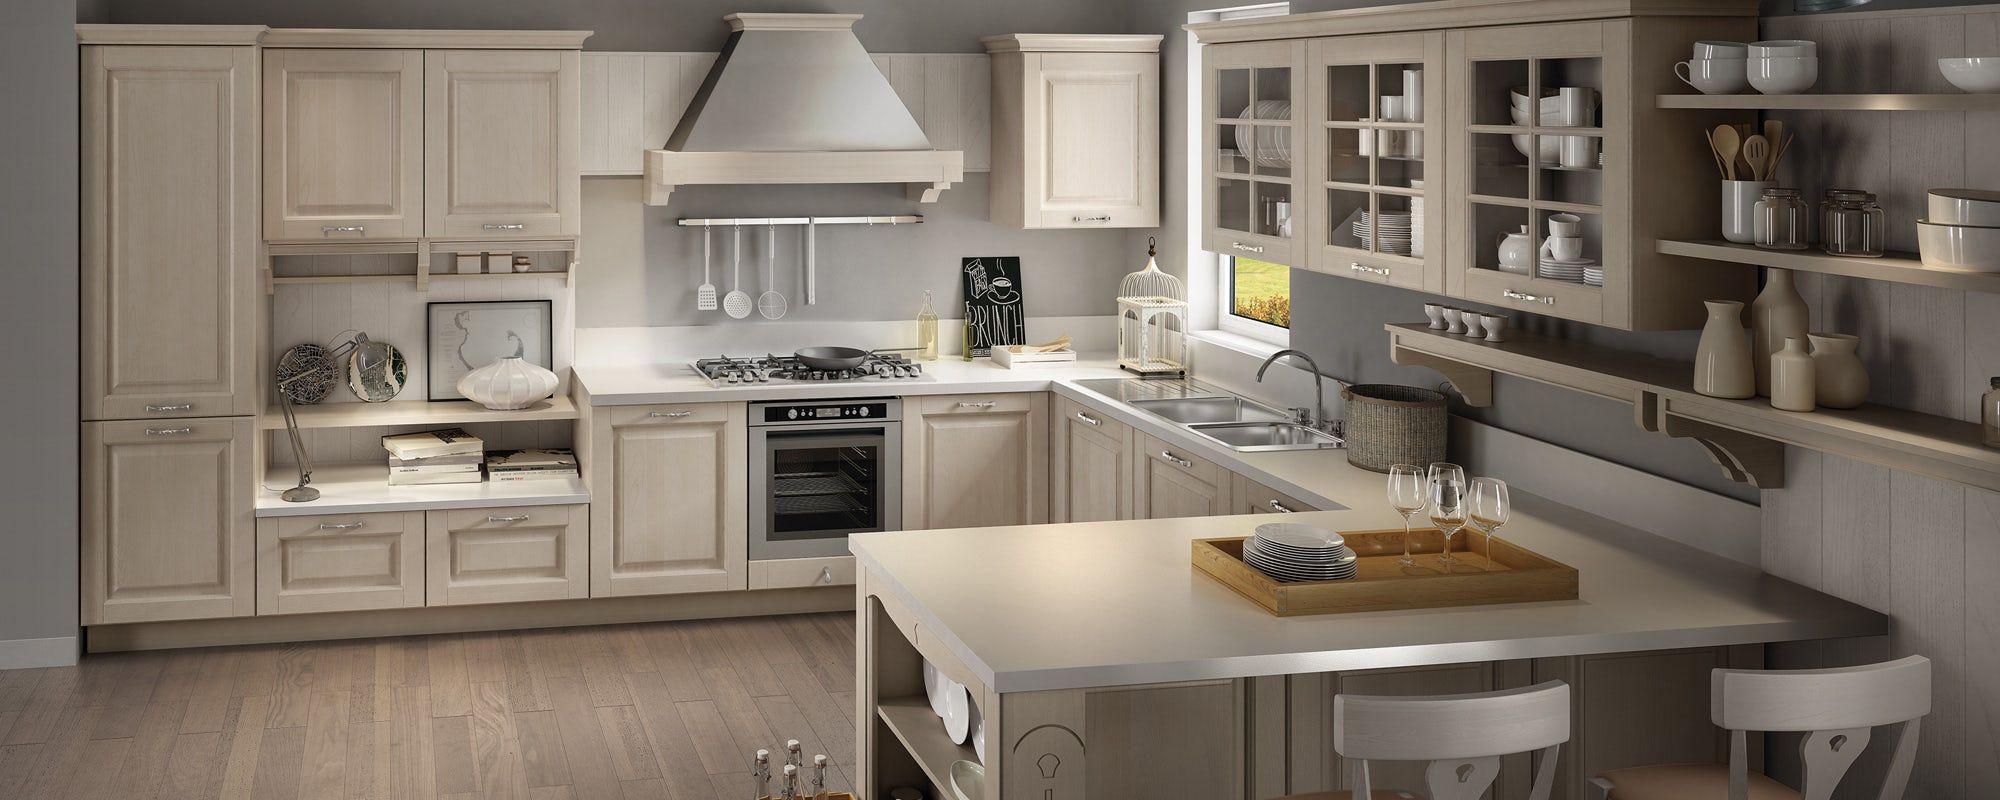 cucine classiche stosa - modello cucina bolgheri 01   arredi casa ...